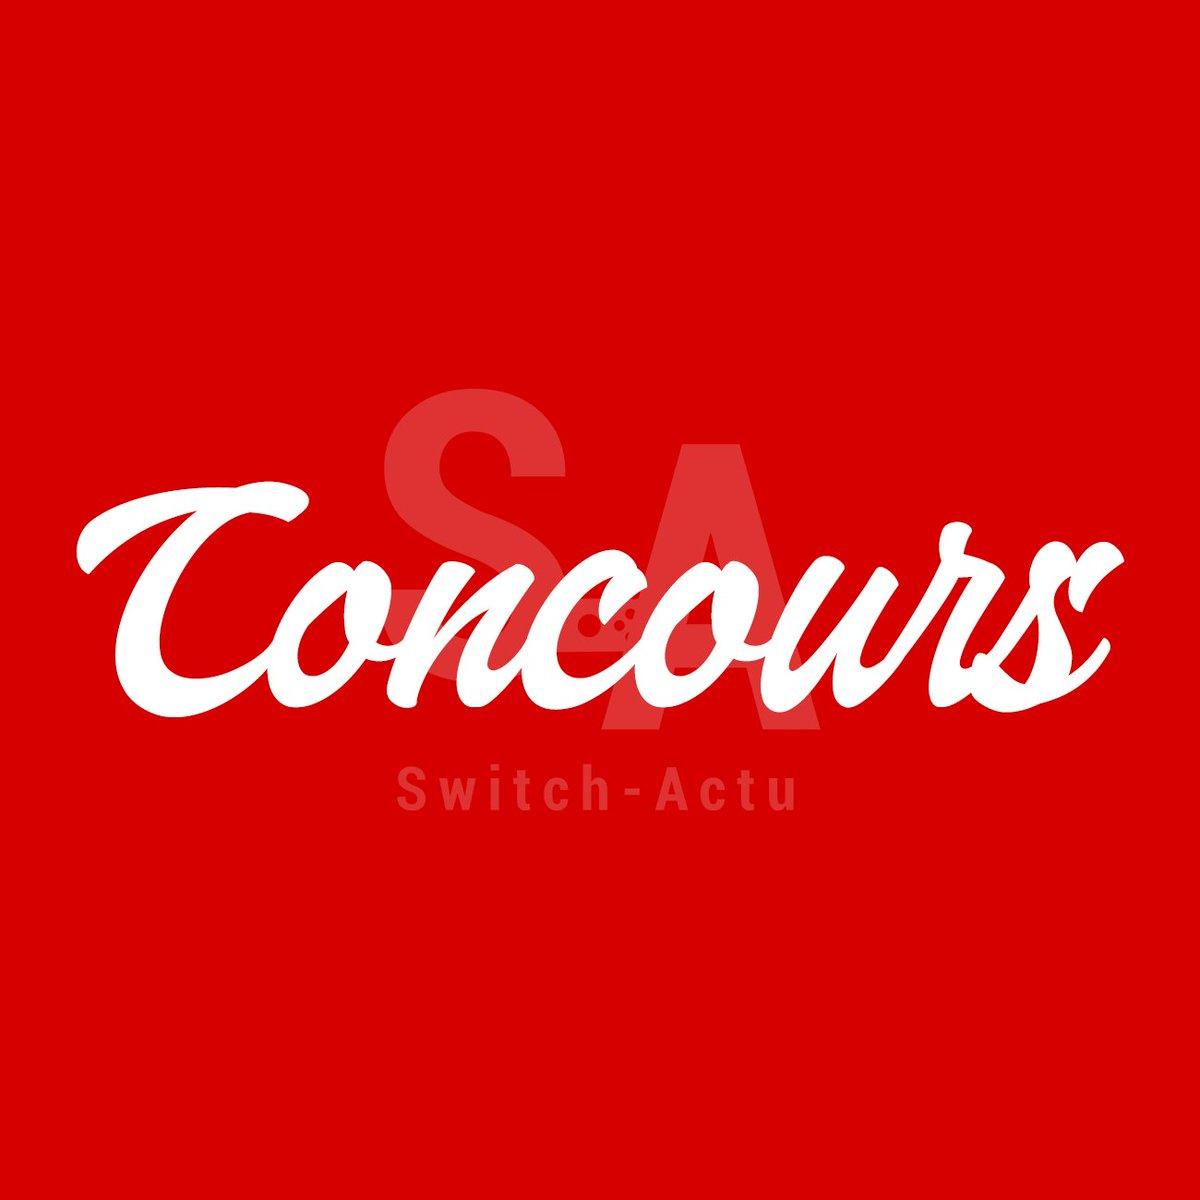 #CONCOURS - Tentez de gagner un exemplaire de #AOTennis2 (démat) sur Nintendo Switch !  Pour participer, c'est simple, il n'y a que trois étapes à suivre : 🔁 RT ce tweet 👉 FOLLOW @SwitchActu  👉 FOLLOW @NaconFR   --------- ⏳ FIN le 19.02.2020 à 23h59 🕒 TAS le 20.02.2020